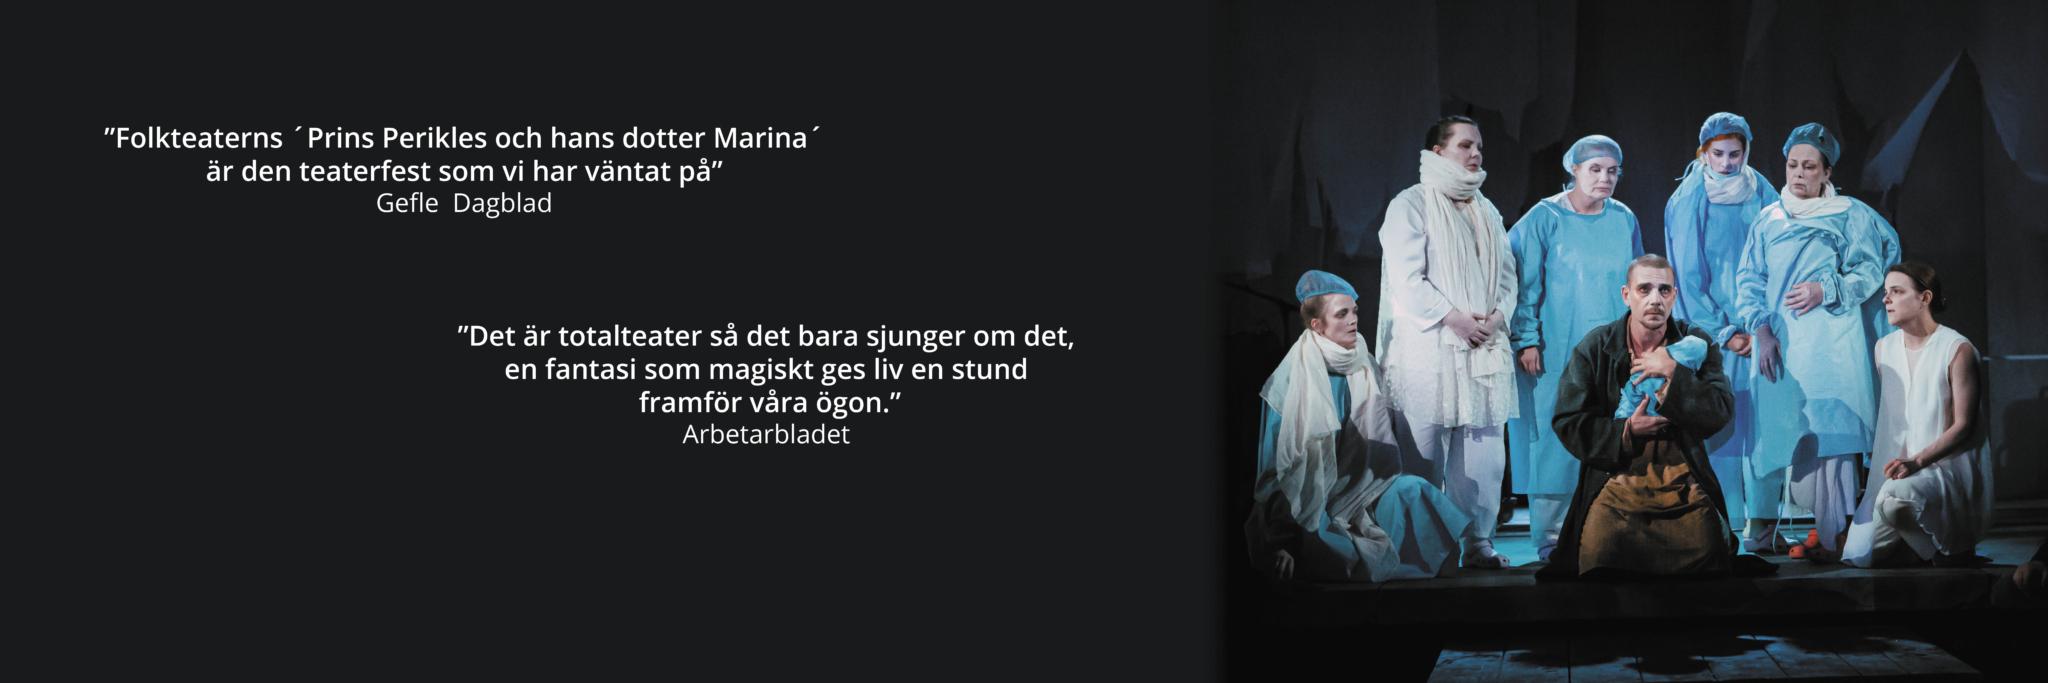 Prins Perikles och hans dotter Marina